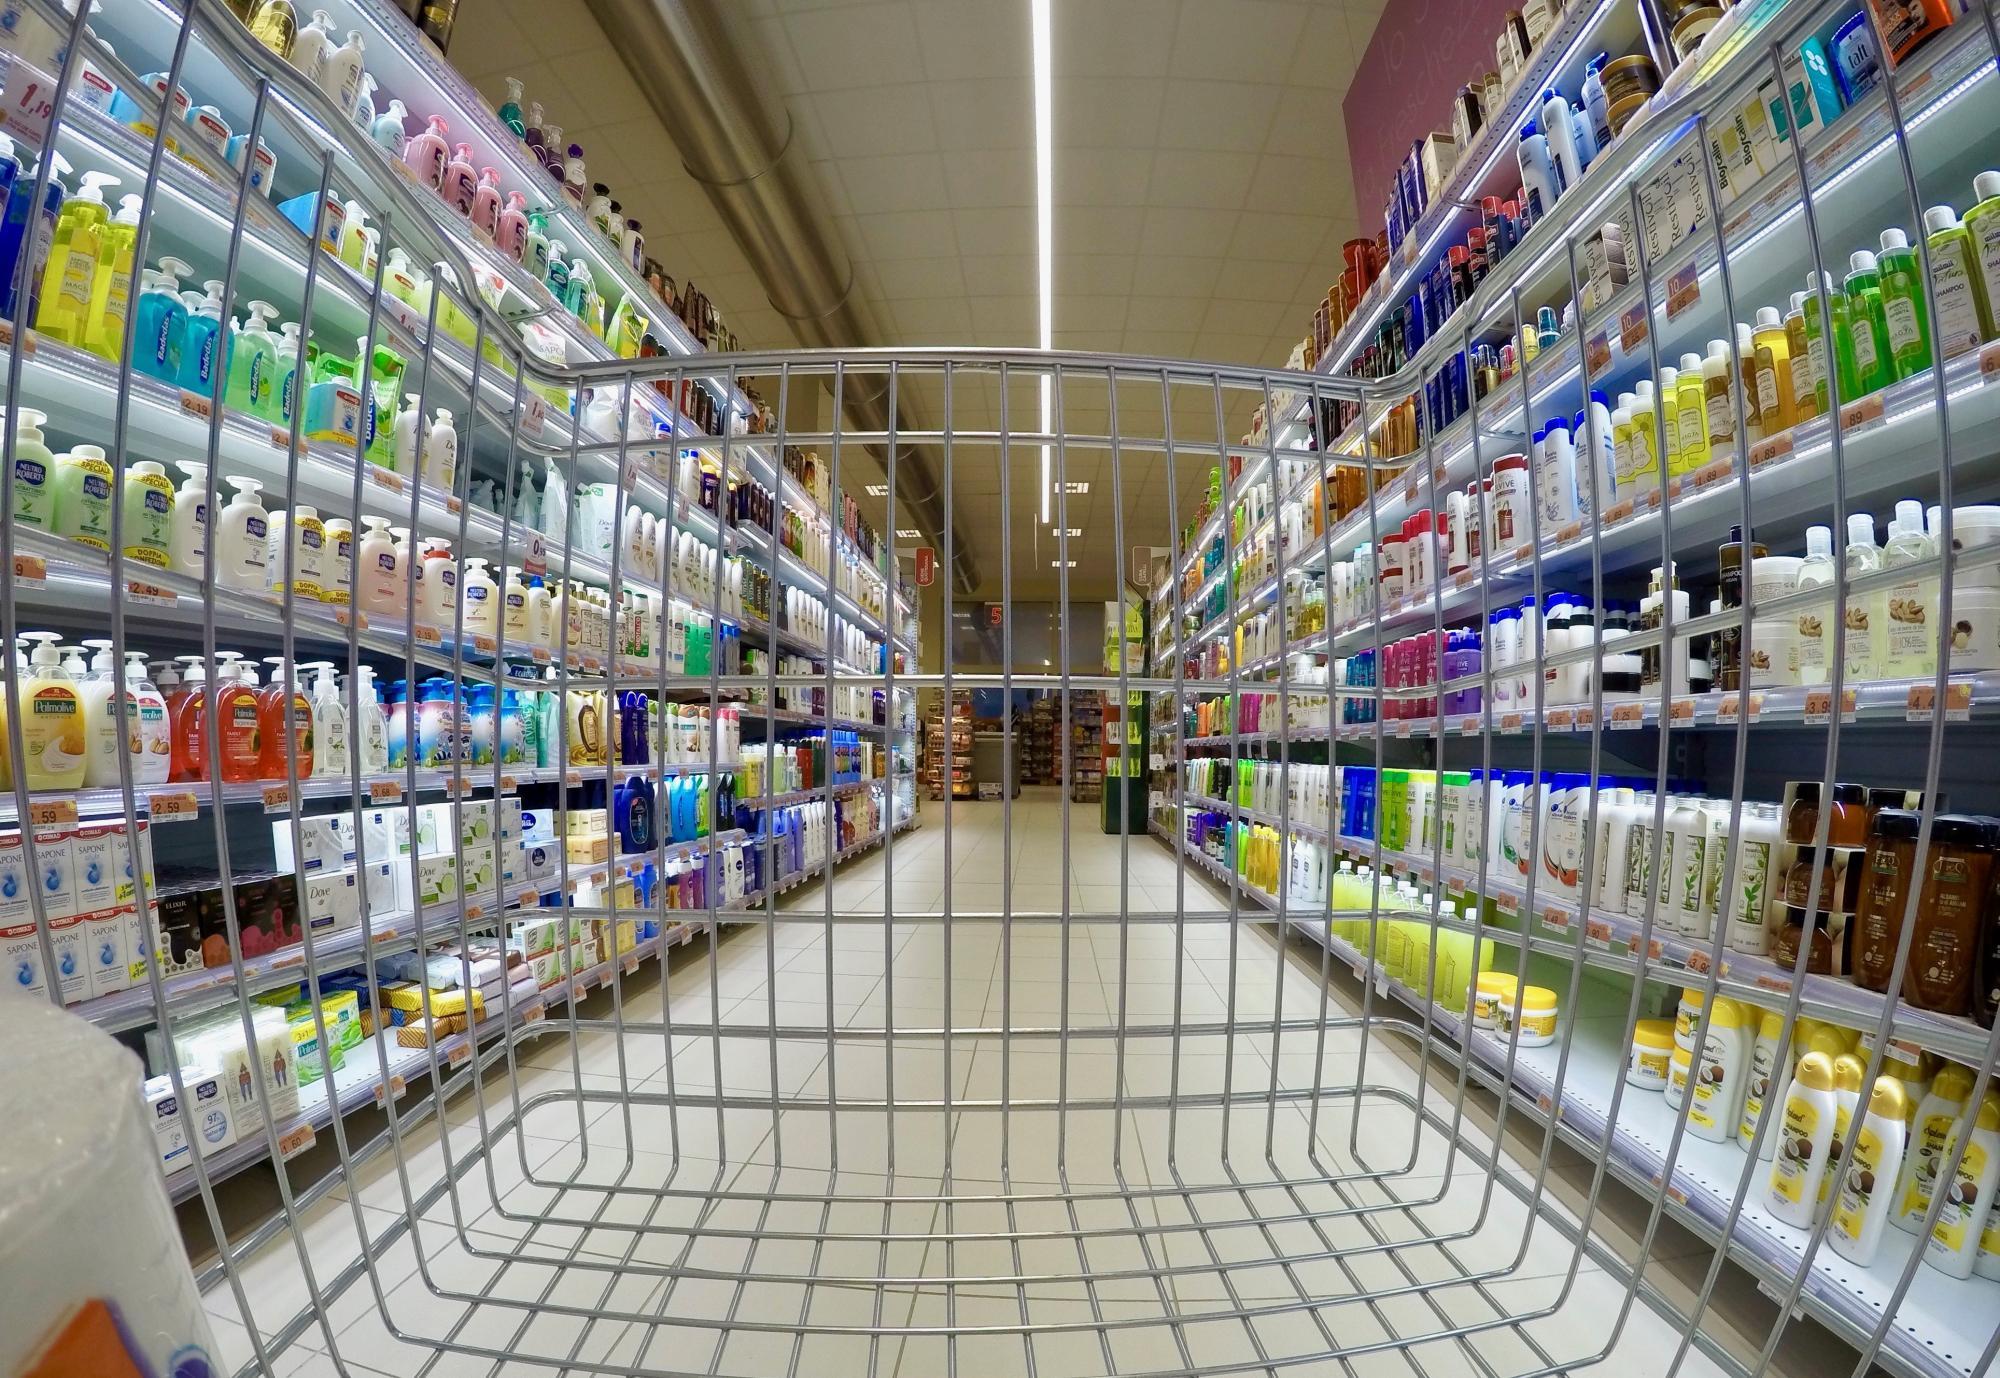 Без мыла и туалетной бумаги? С 8 января в супермаркетах запретят продажу ряда товаров повседневного использования